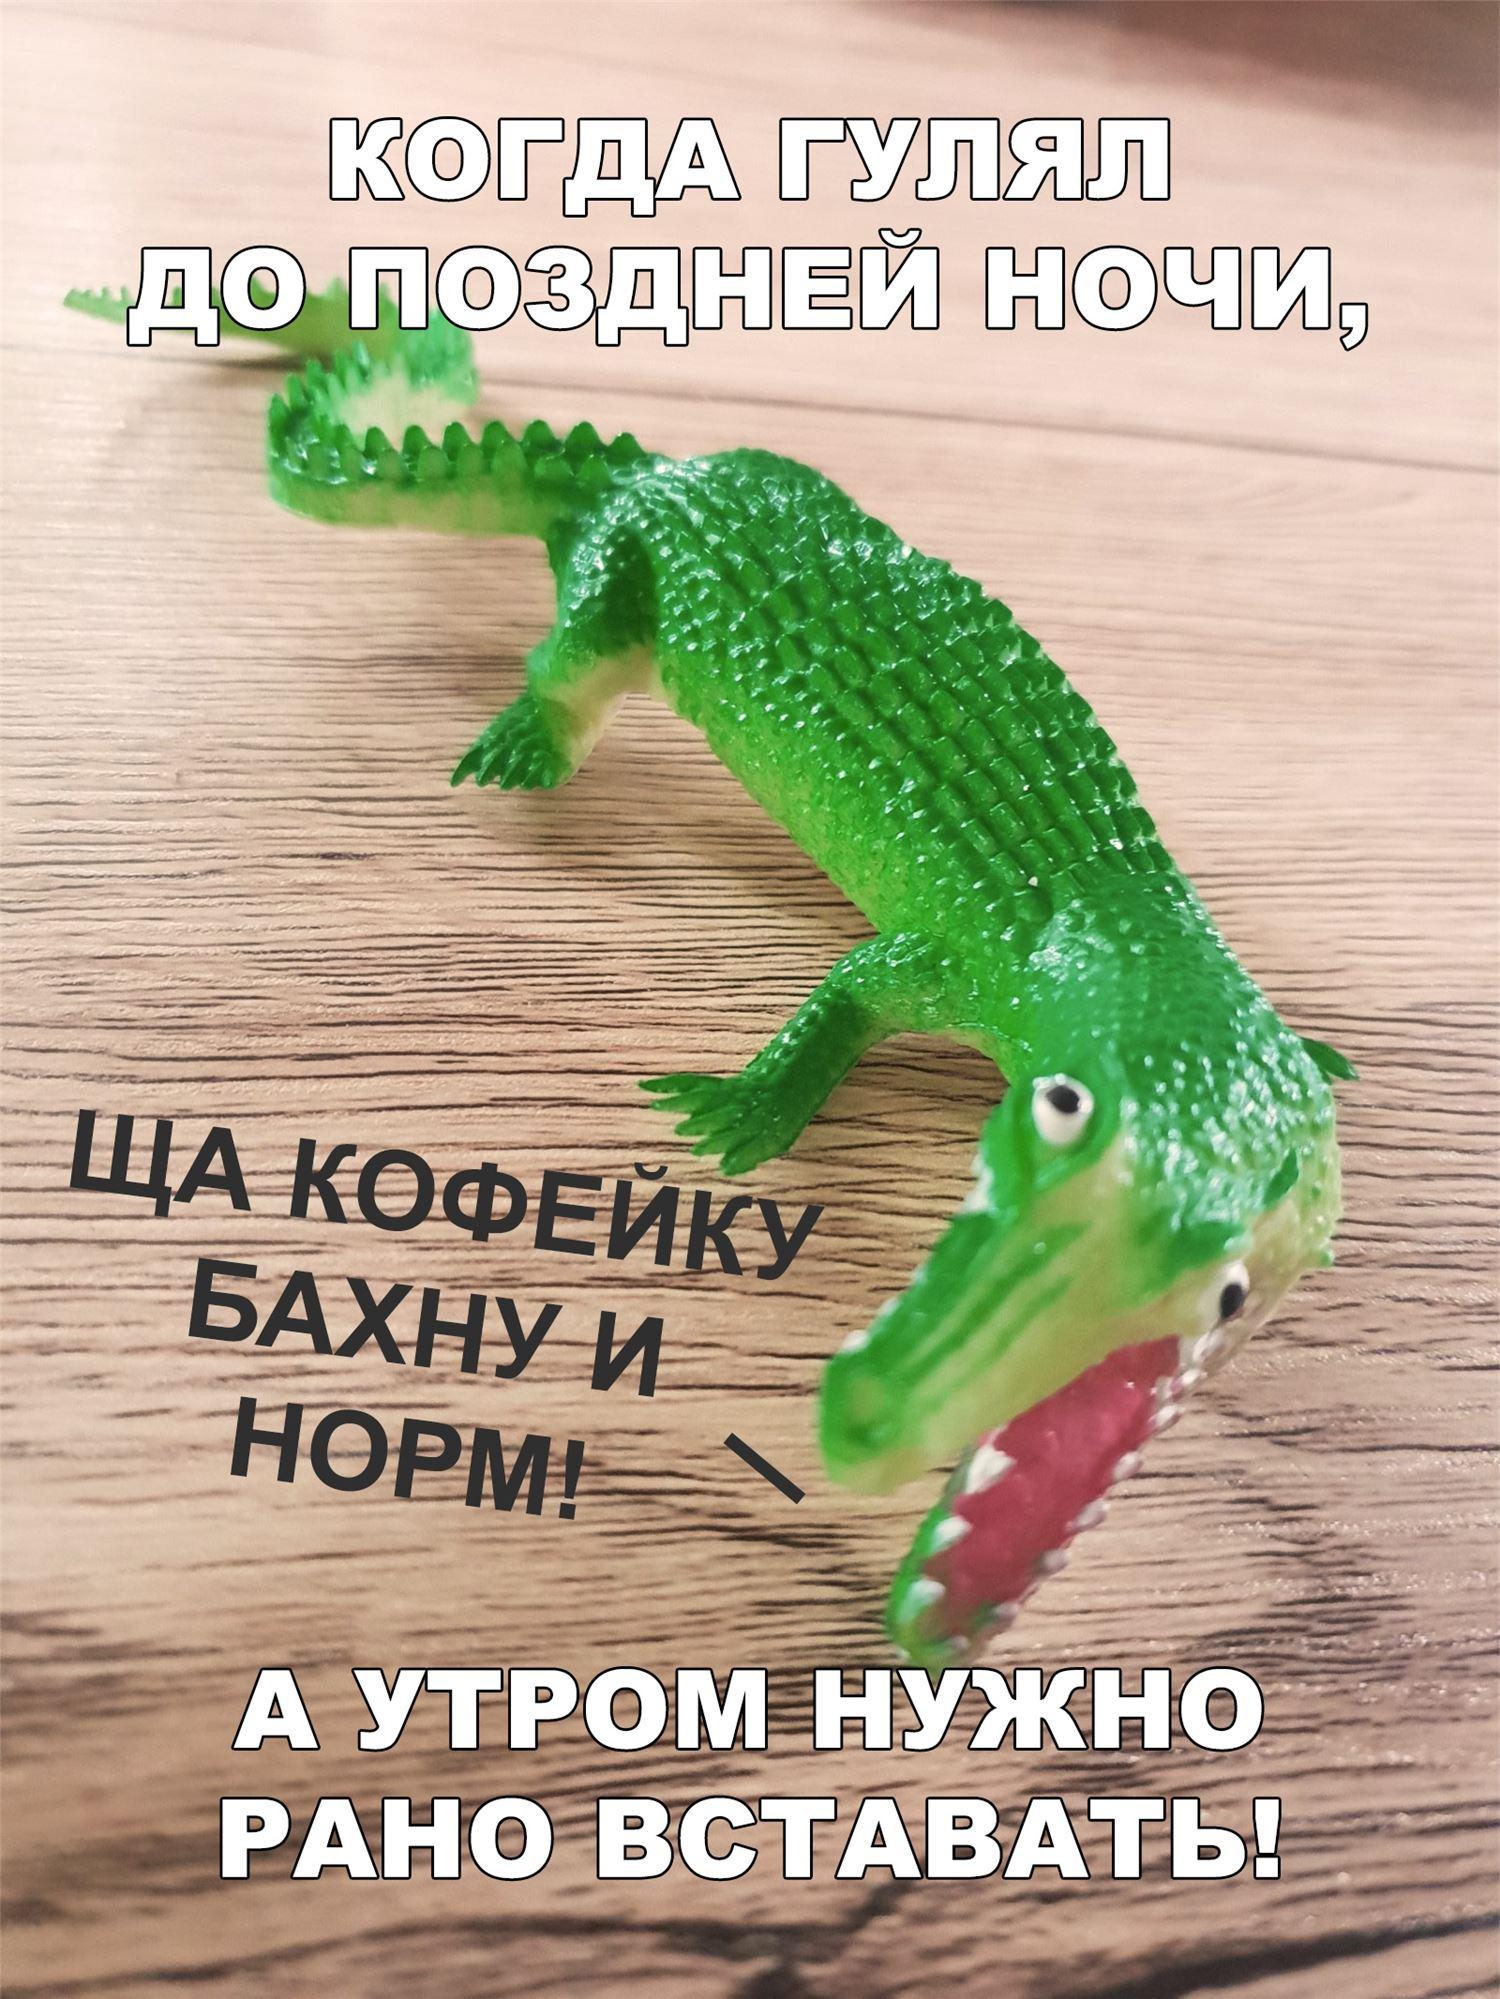 подруга картинка с крокодилом сейчас кофейку бахну и норм изготавливаются